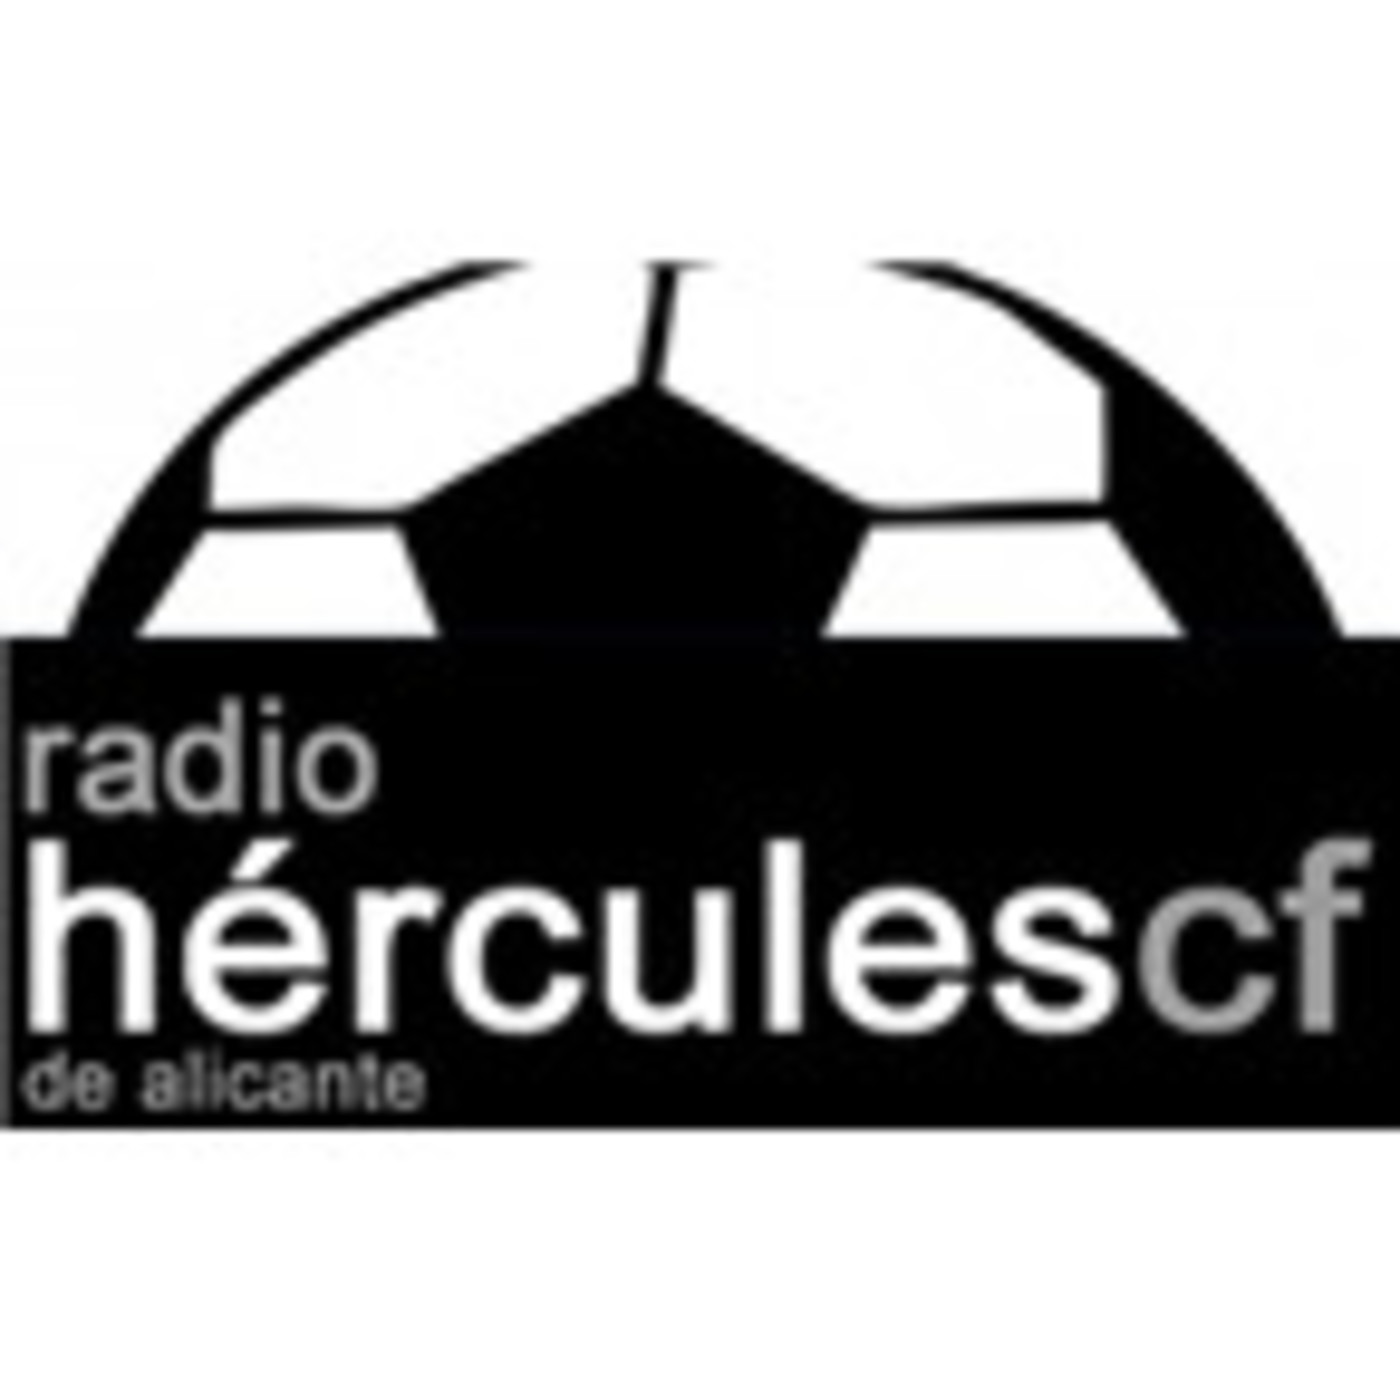 Radio Hercules de Alicante CF-2 DIRECTO